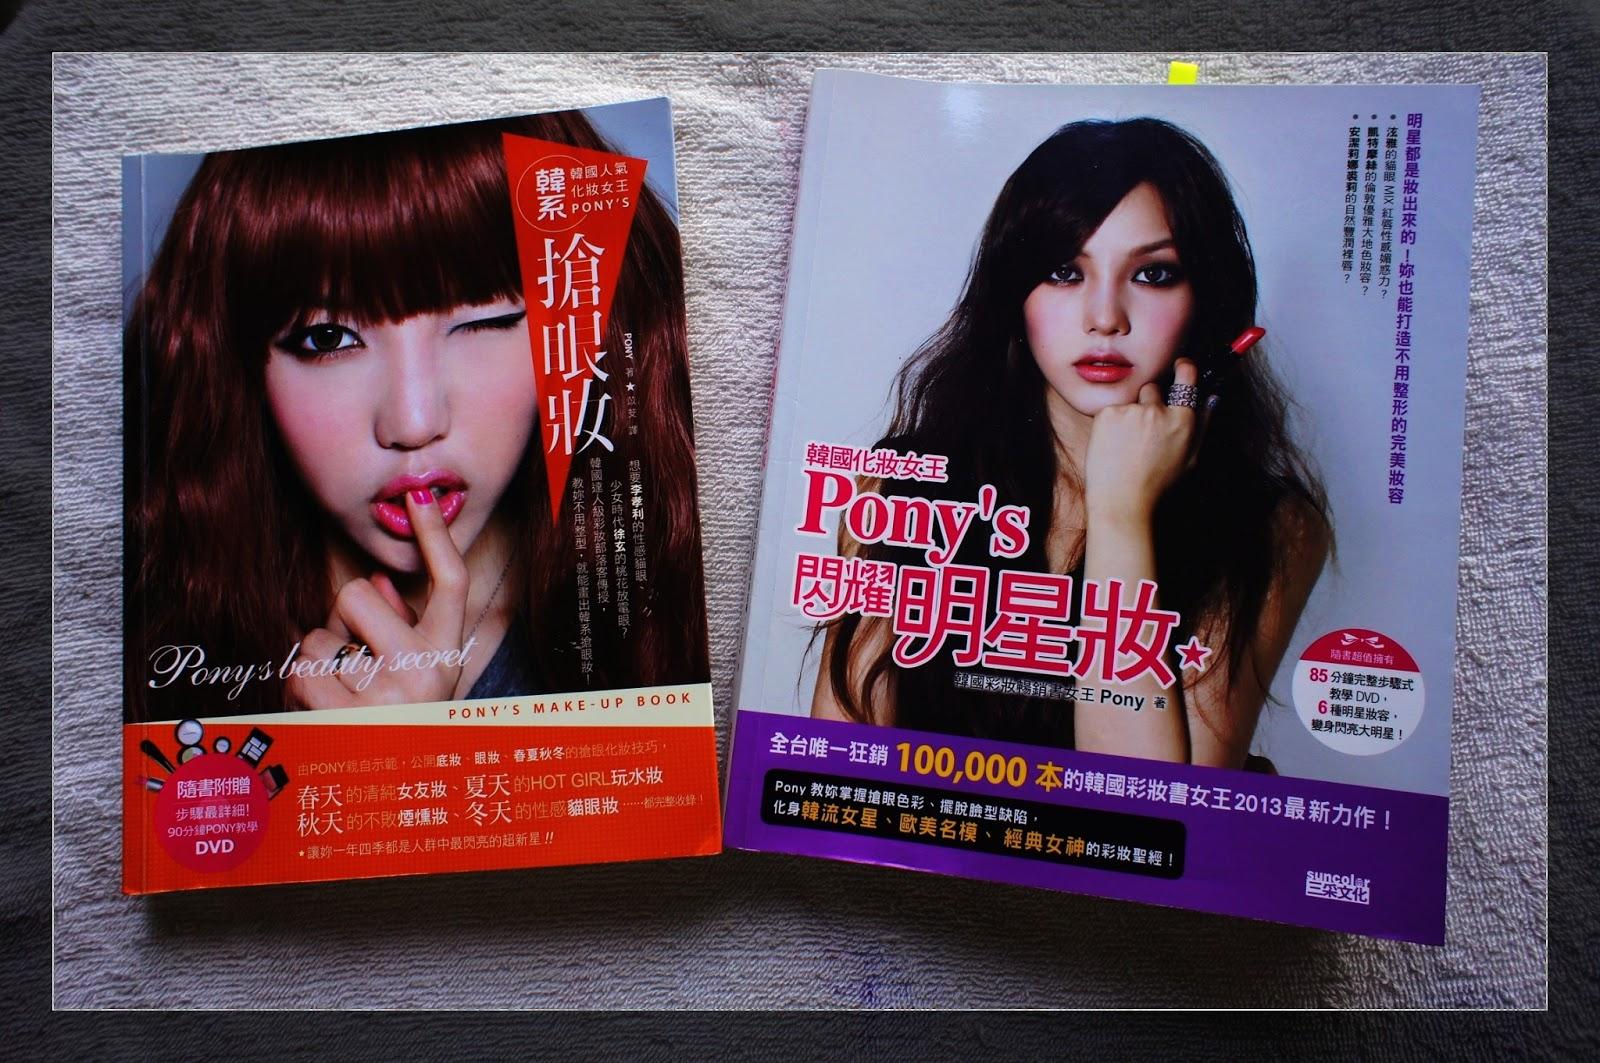 開始變美麗: PONY的彩妝書